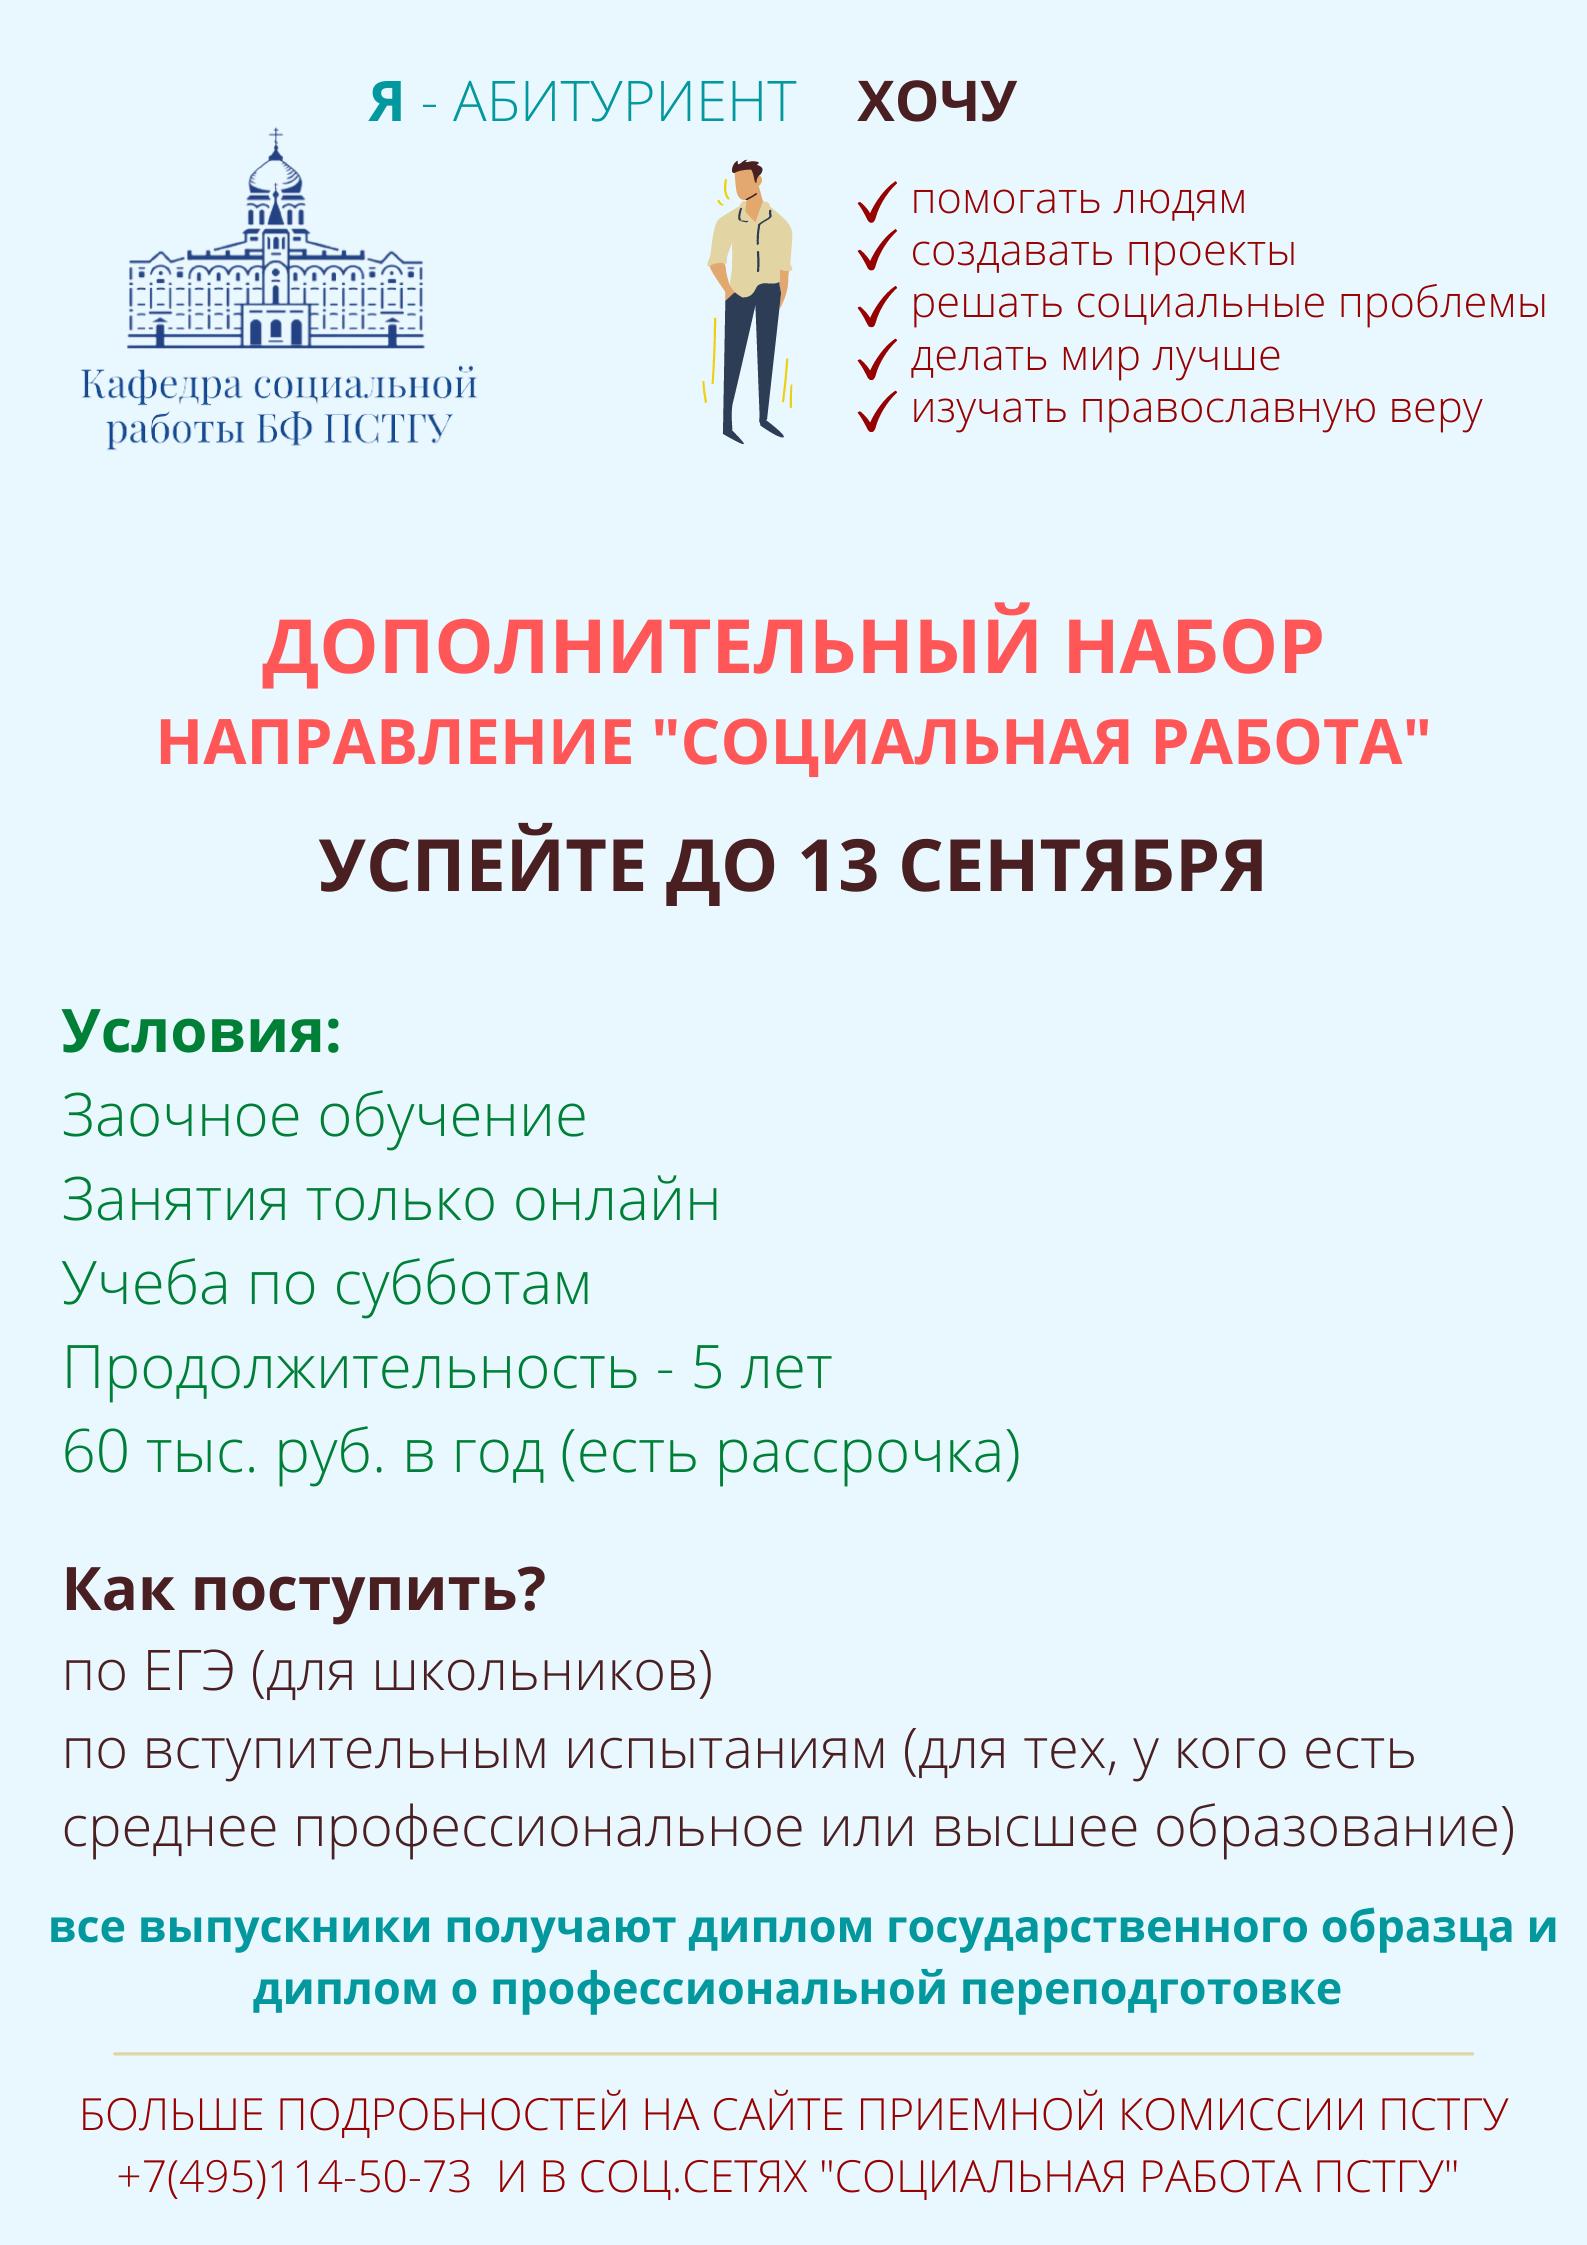 В ПСТГУ объявили о дополнительном наборе по направлению «Социальная работа»